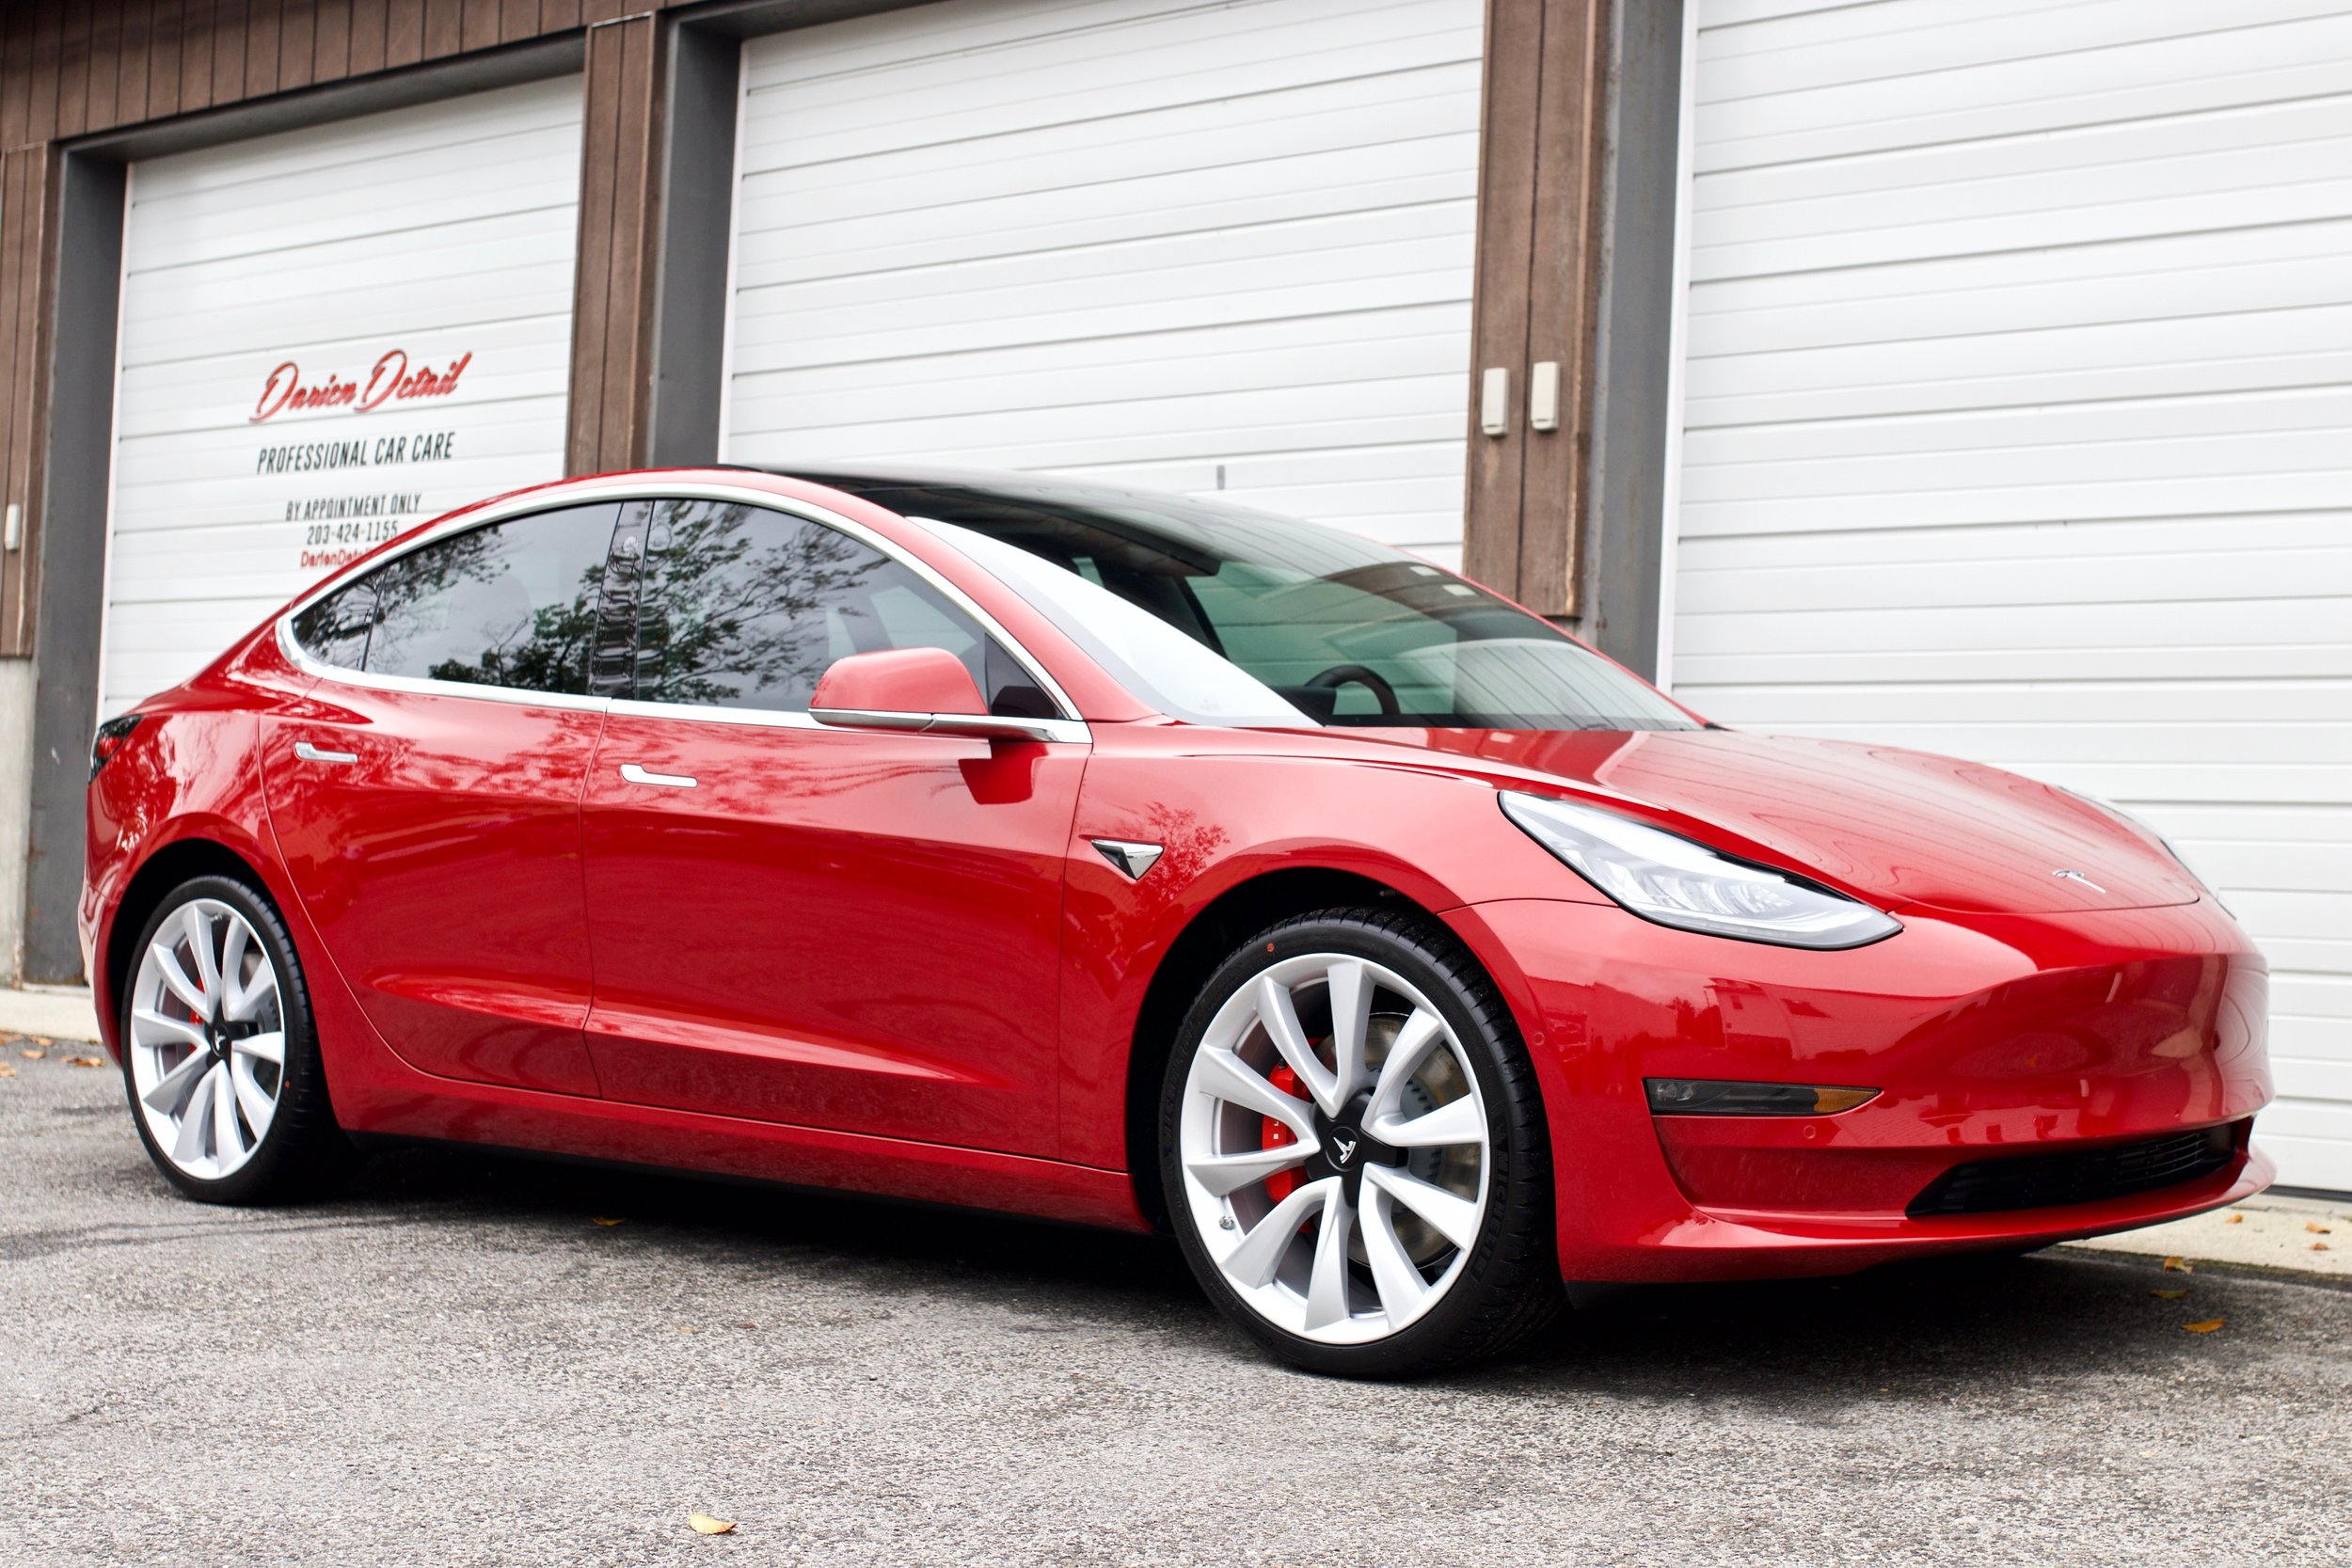 Tesla Model 3 Performance - Paint Protection Film - New Car Detail - CQuartz Finest Reserve